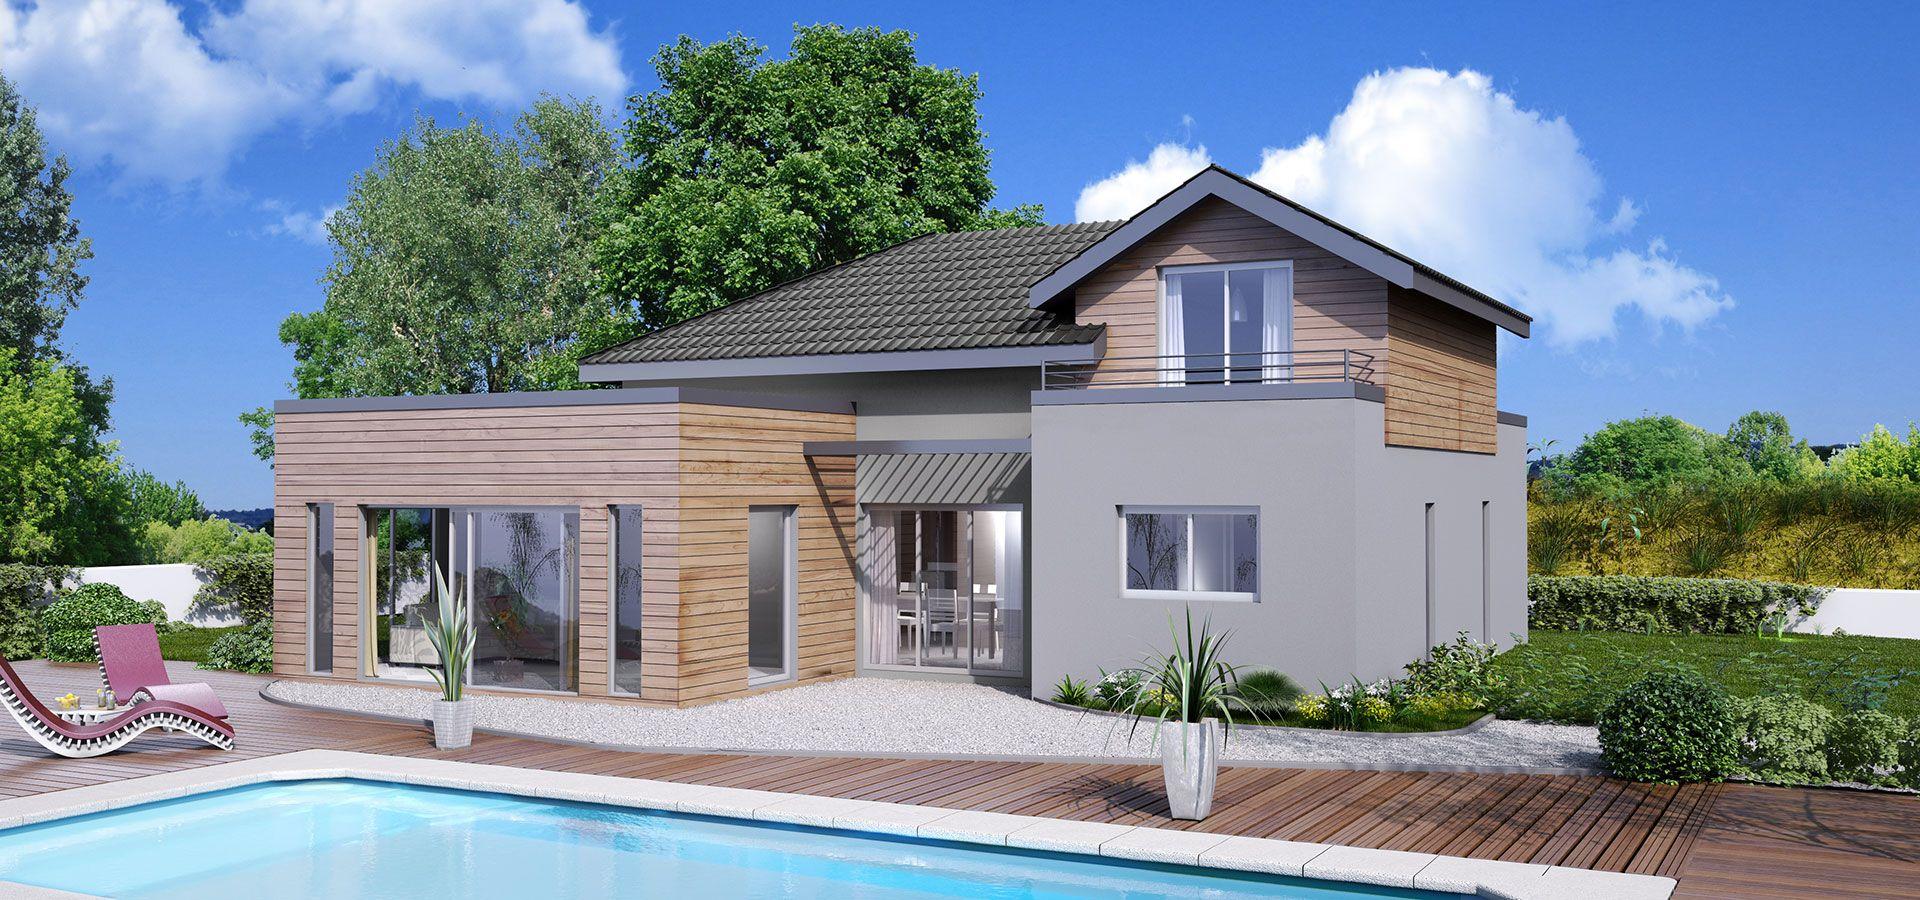 Etude les fran ais et la construction de leur maison build green for La maison des artisans